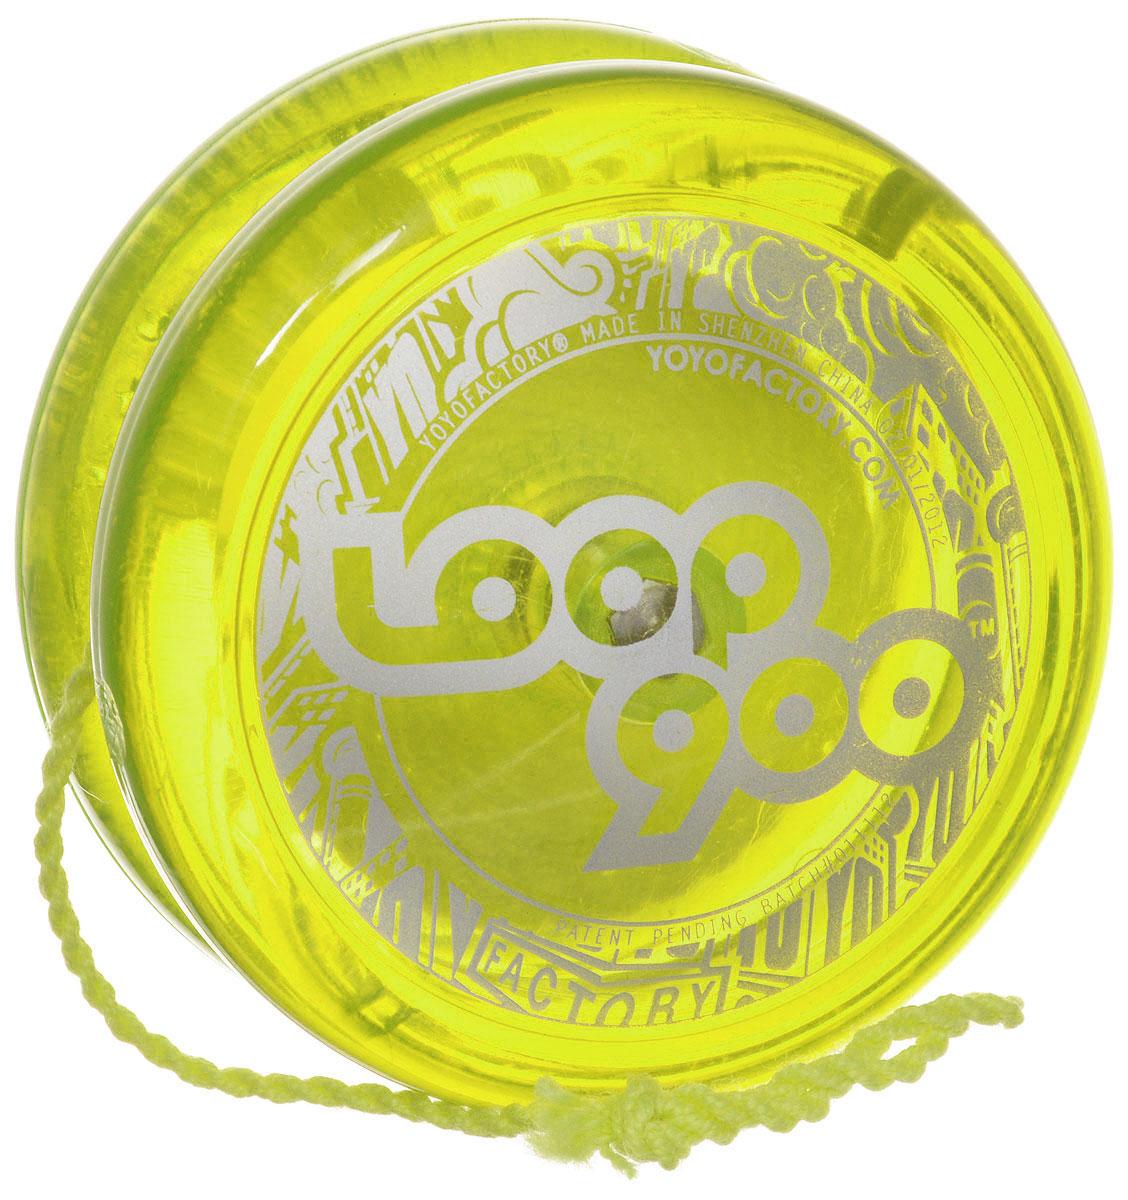 YoYoFactory Йо-йо Loop 900 цвет салатовый йо йо duncan raptor href